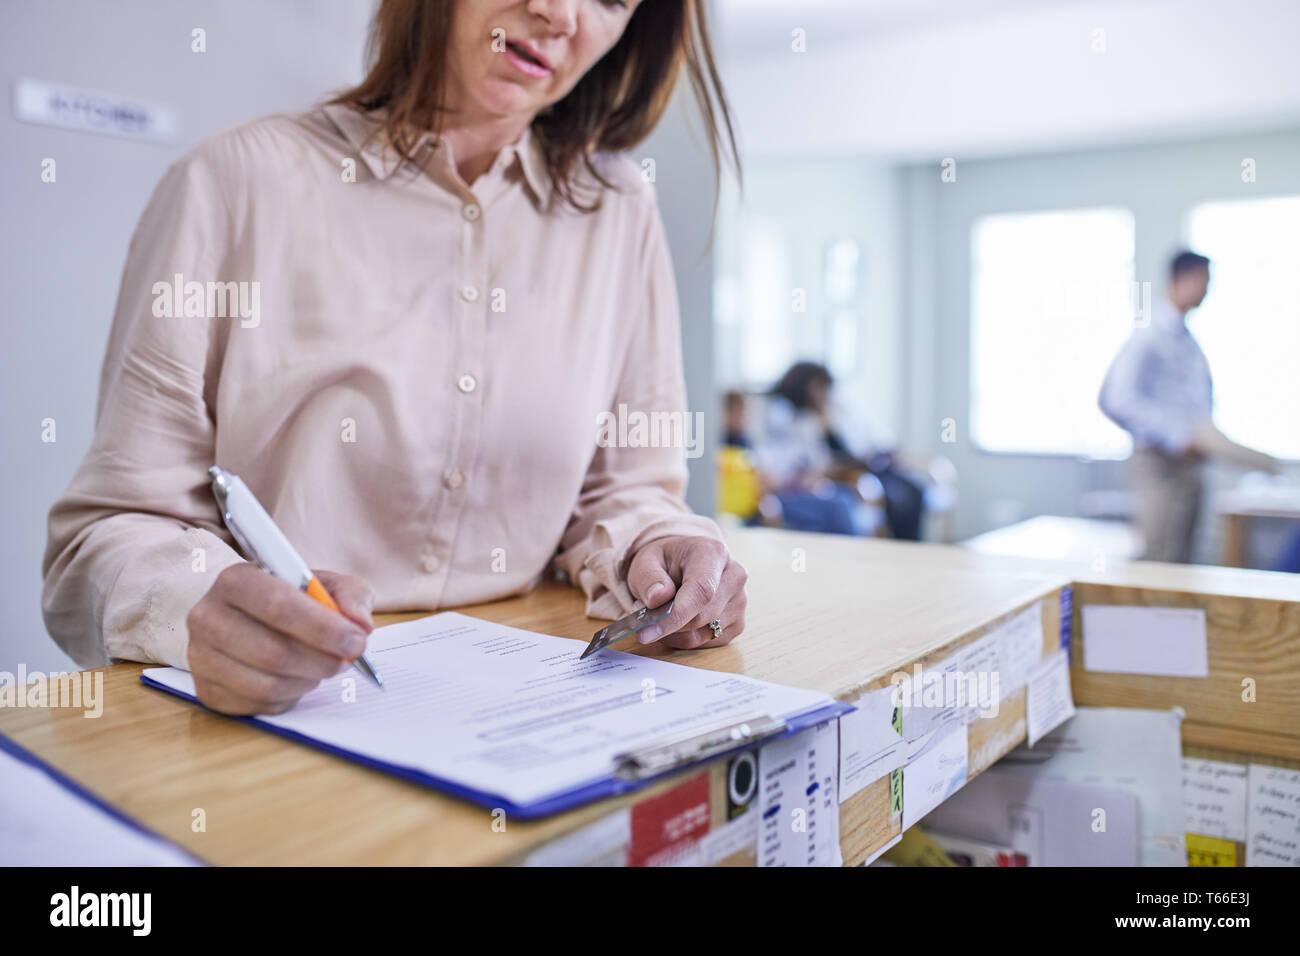 Frau mit Kreditkarte ausfüllen Krankenversicherung Schreibarbeit in Klinik Stockbild